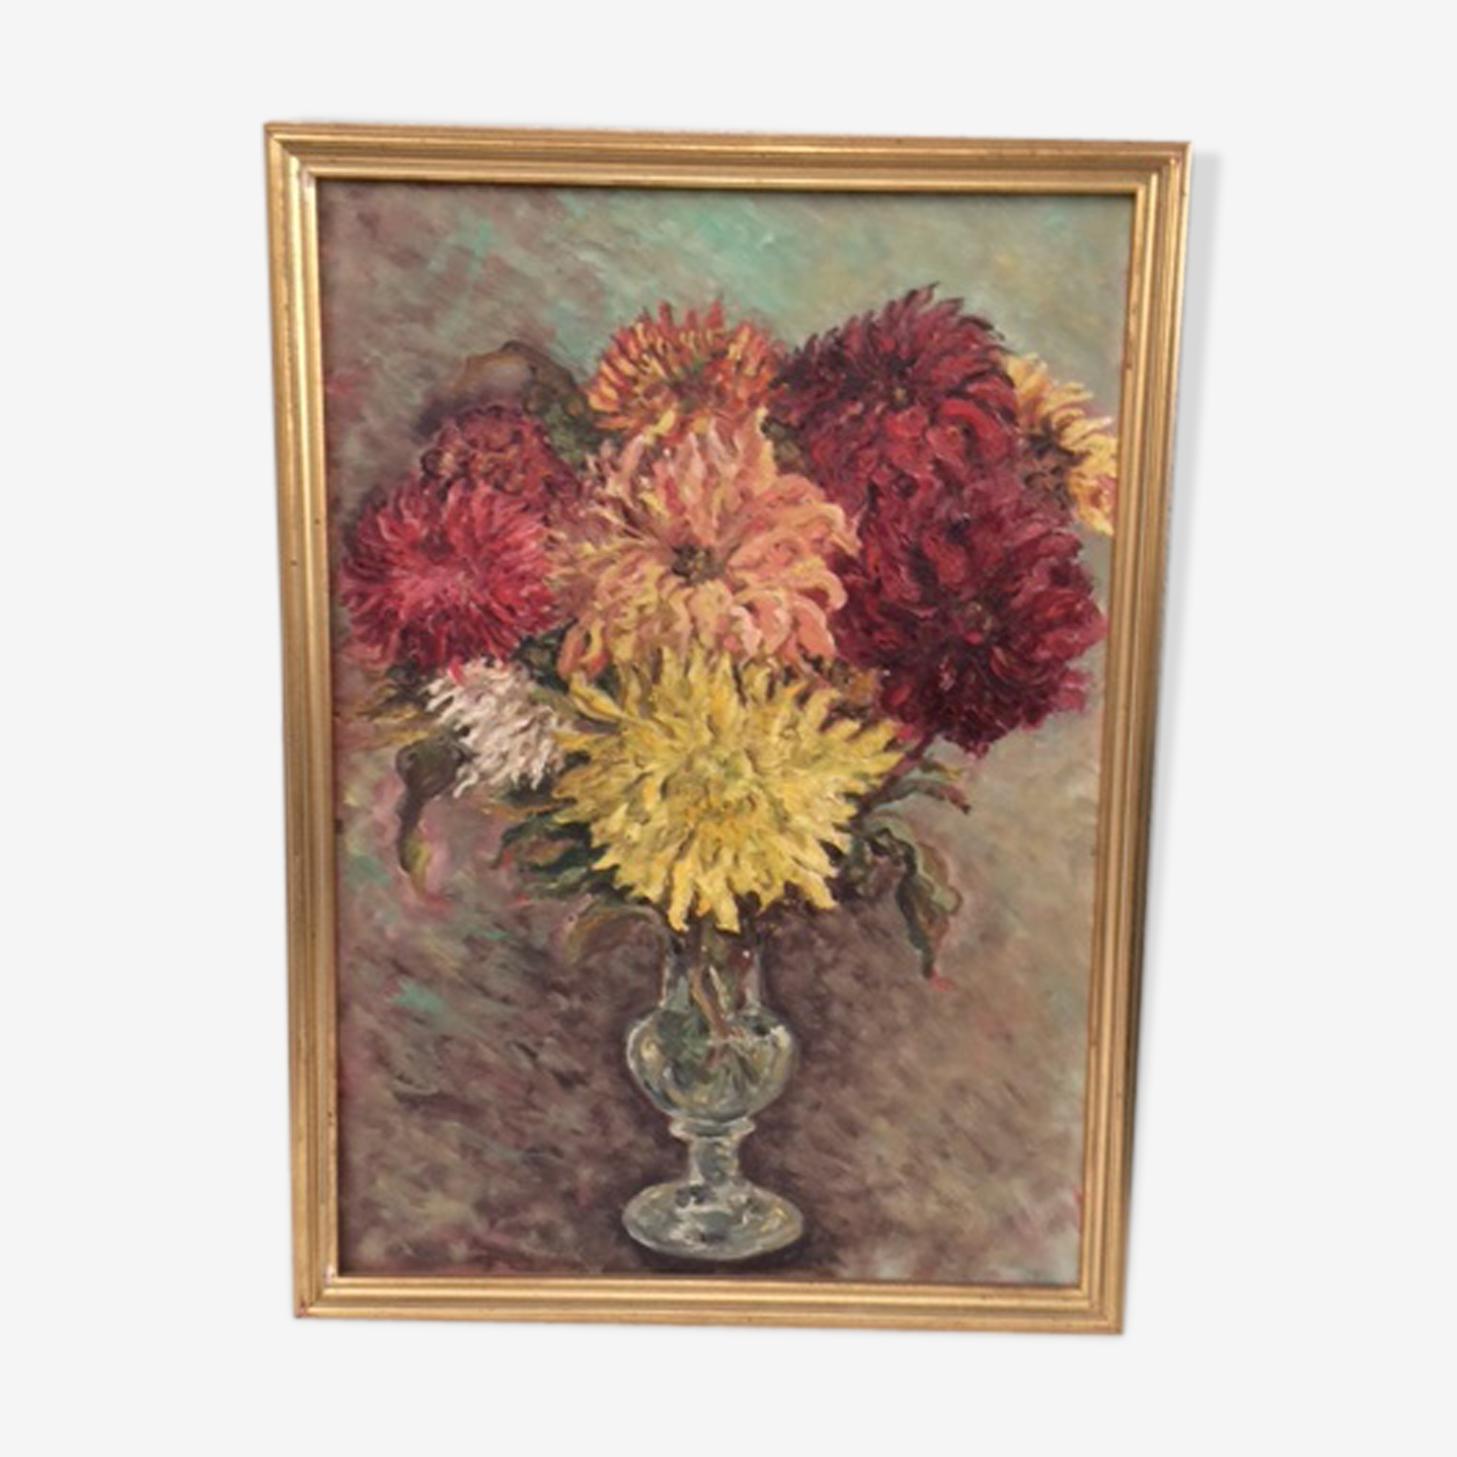 Tableau, le bouquet de Dahlias, sur bois, encadré et vintage